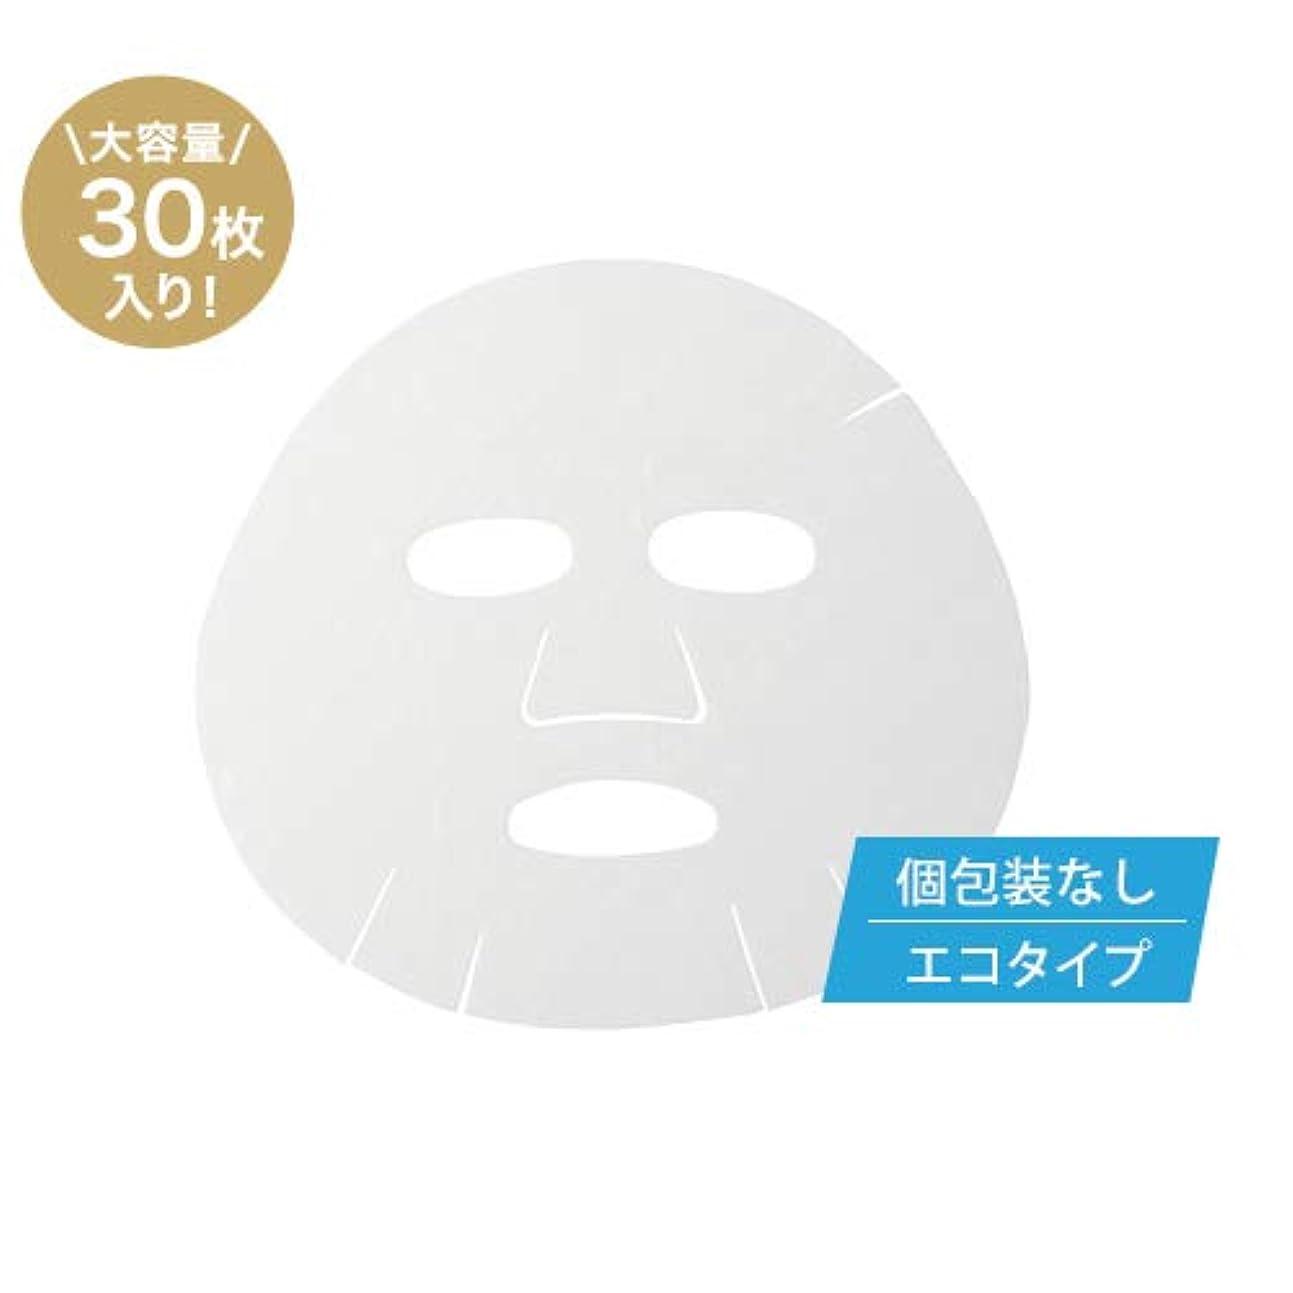 ヒット読みやすいおしゃれなMAMEW エッセンスシートマスク(個包装無し?大容量タイプ)-日本製の顔パック-毛穴を引き締める?保湿効果?くすみ?しわ対策におすすめ?お肌しっとり-EGF配合-お得な30枚セット